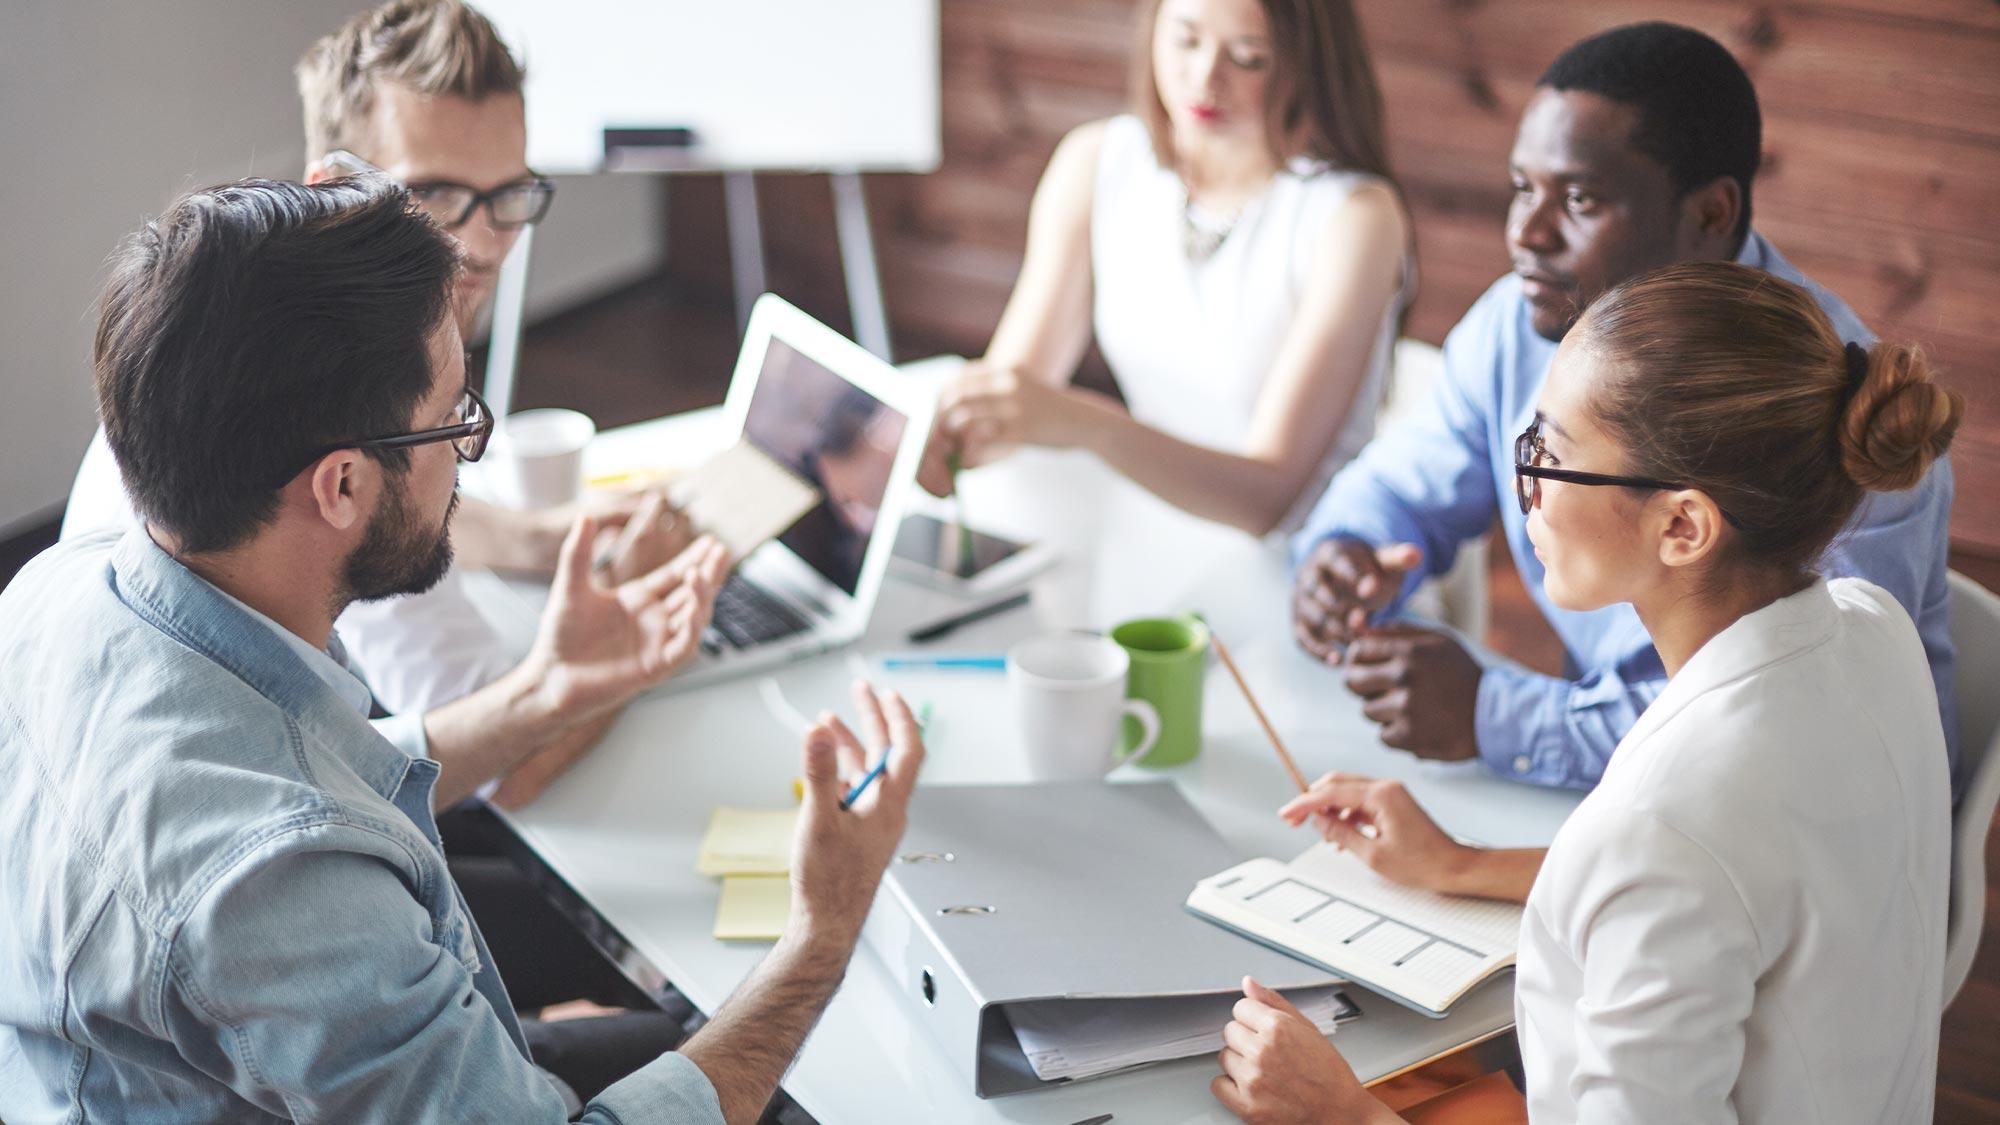 企業や組織の人材育成